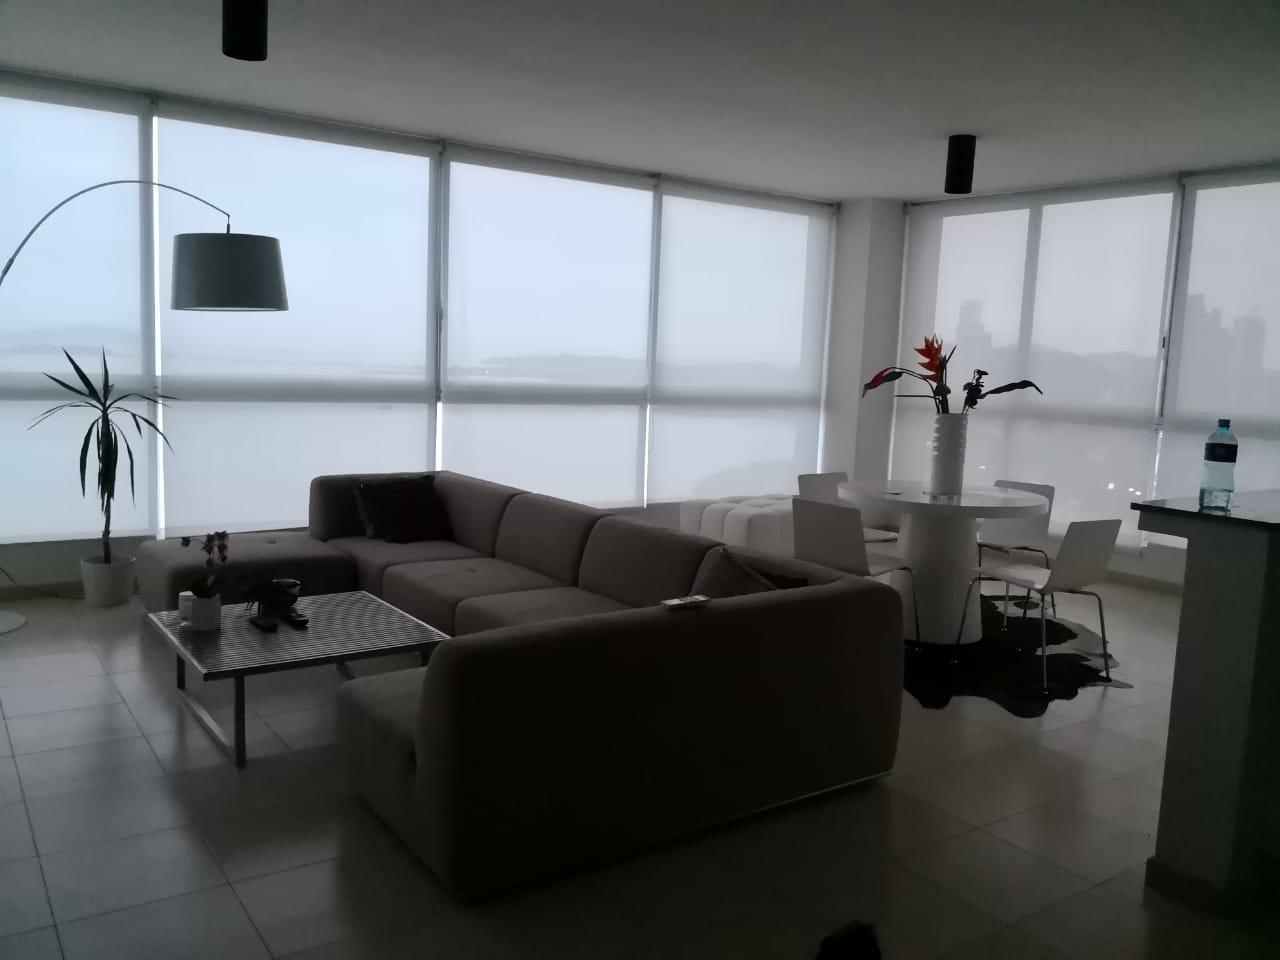 Apartamento en alquiler avenida balboa grandbay tower frente al mar modelo 07 138 m2 - Apartamentos avenida ...